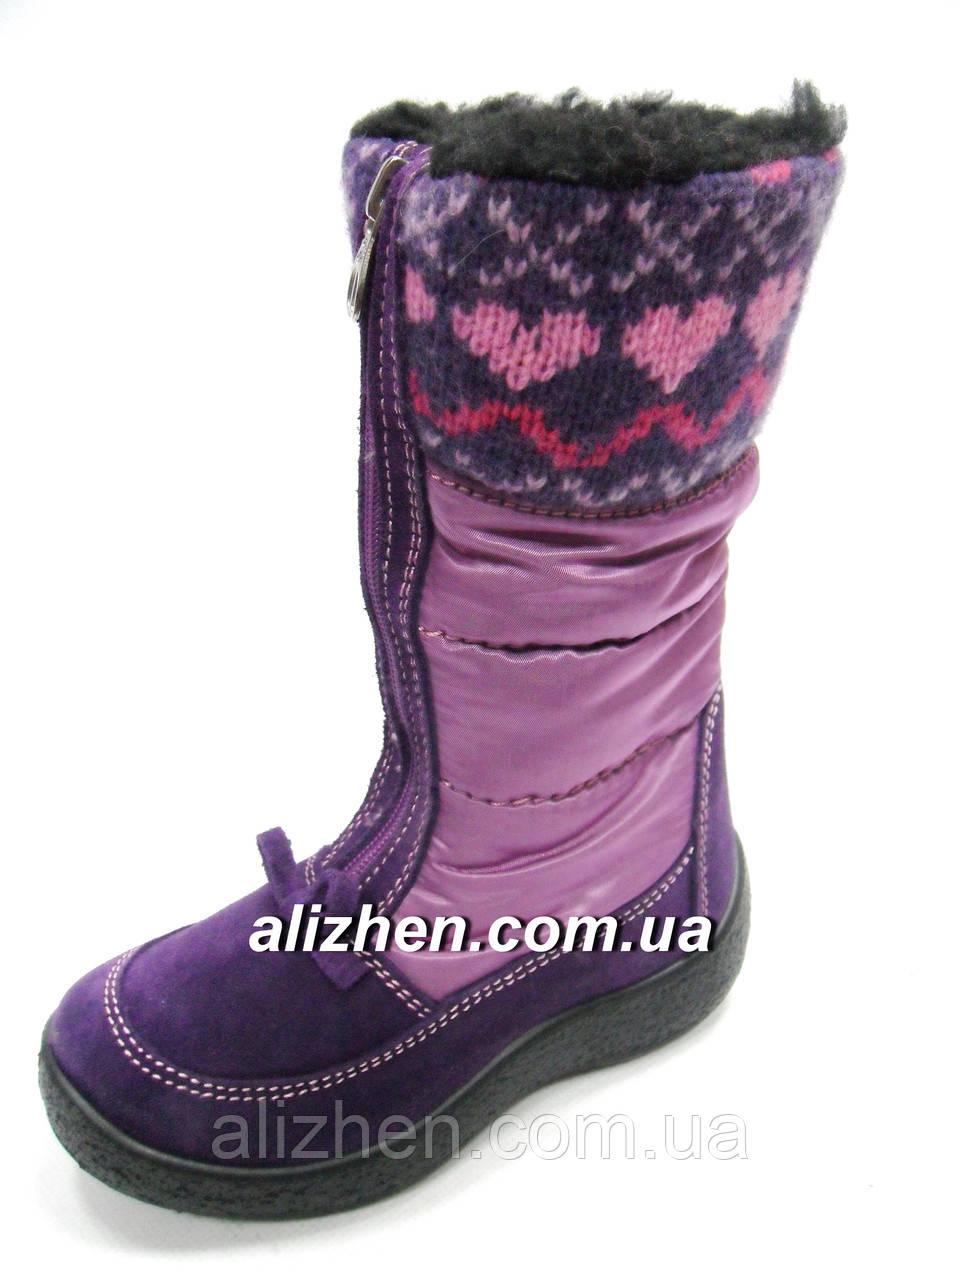 Зимние мембранные детские сапожки, ботинки для девочки тм FLOARE, размеры 27.